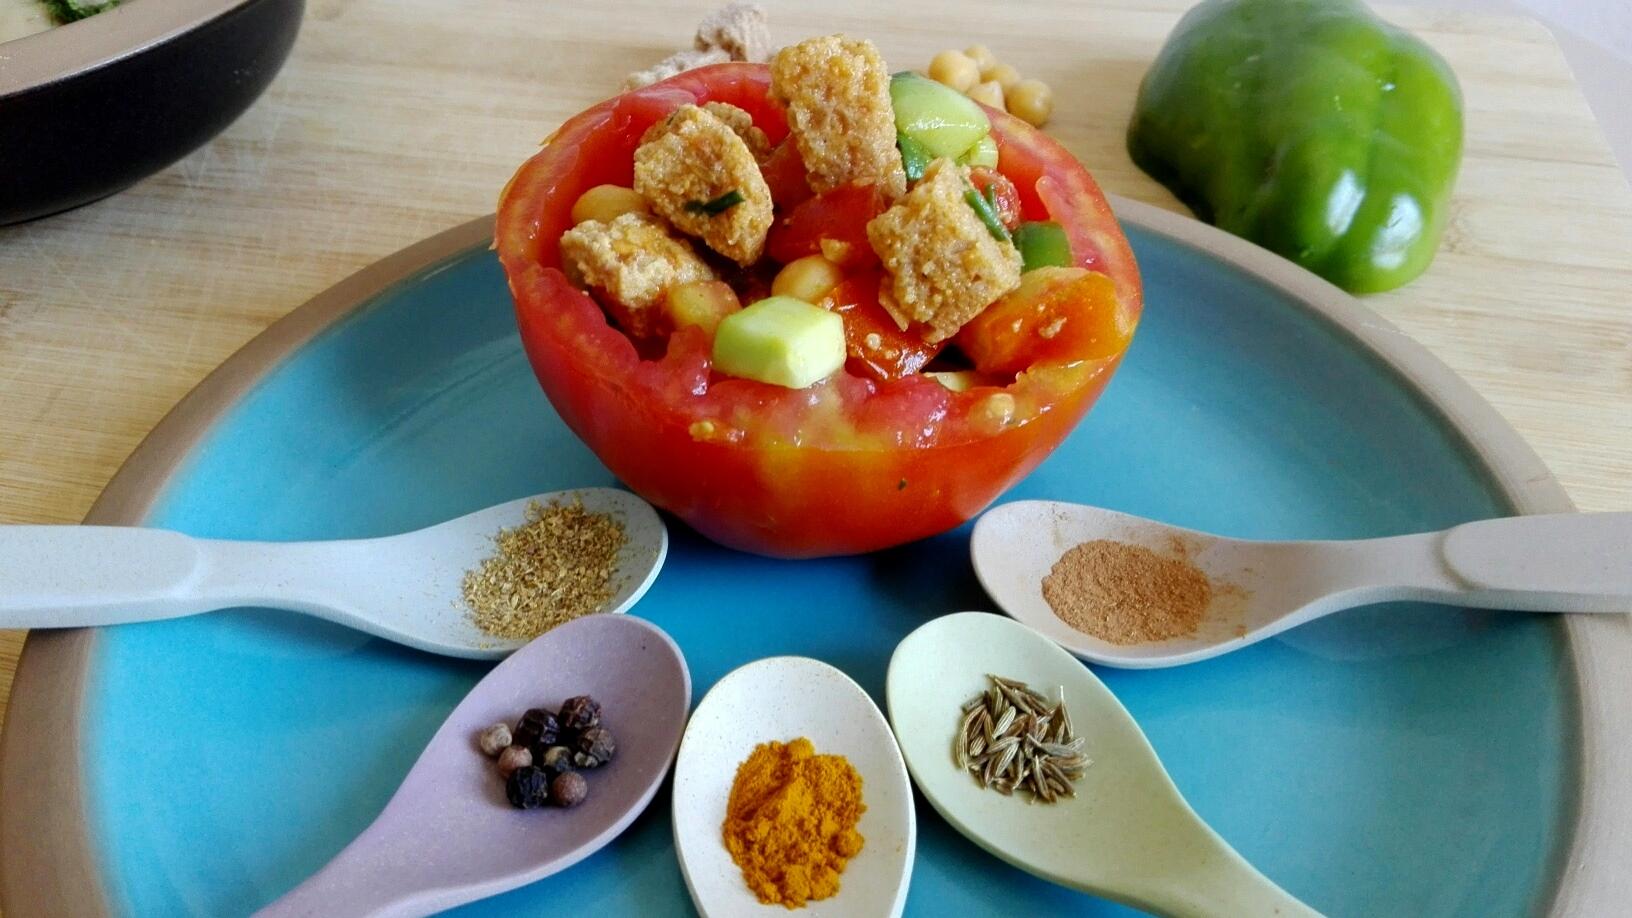 curcuma, pepe, cannella, cumino, coriandolo utilizzate per condire una panzanella al pomodoro